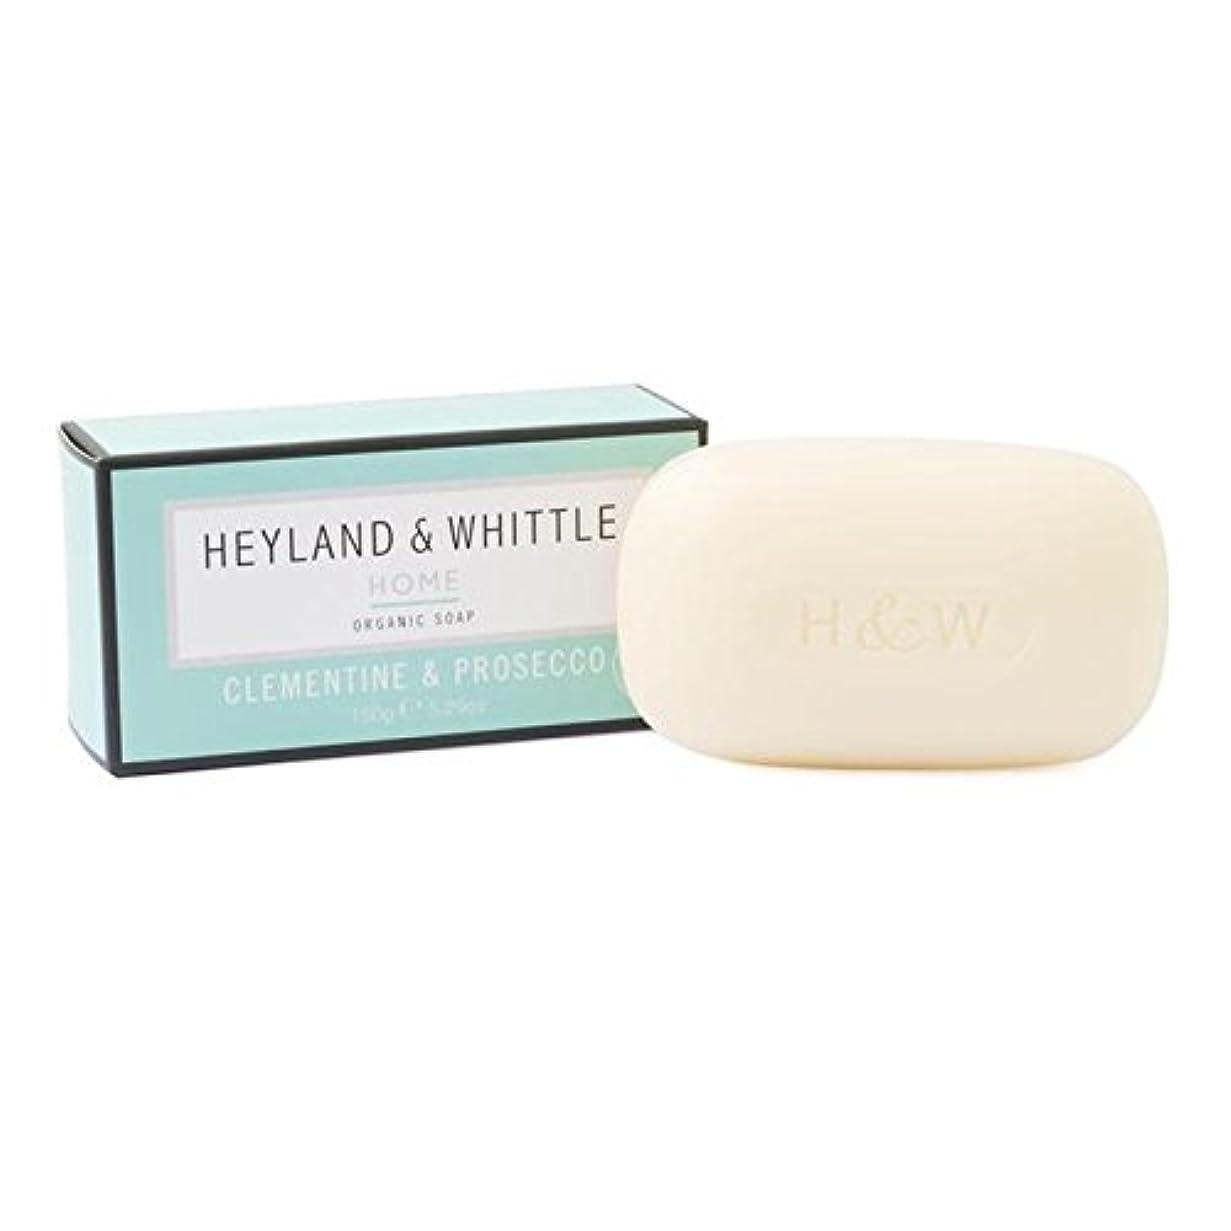 彼女コーナー推進、動かす&削るホームクレメンタイン&プロセッコ有機石鹸150グラム x4 - Heyland & Whittle Home Clementine & Prosecco Organic Soap 150g (Pack of 4)...